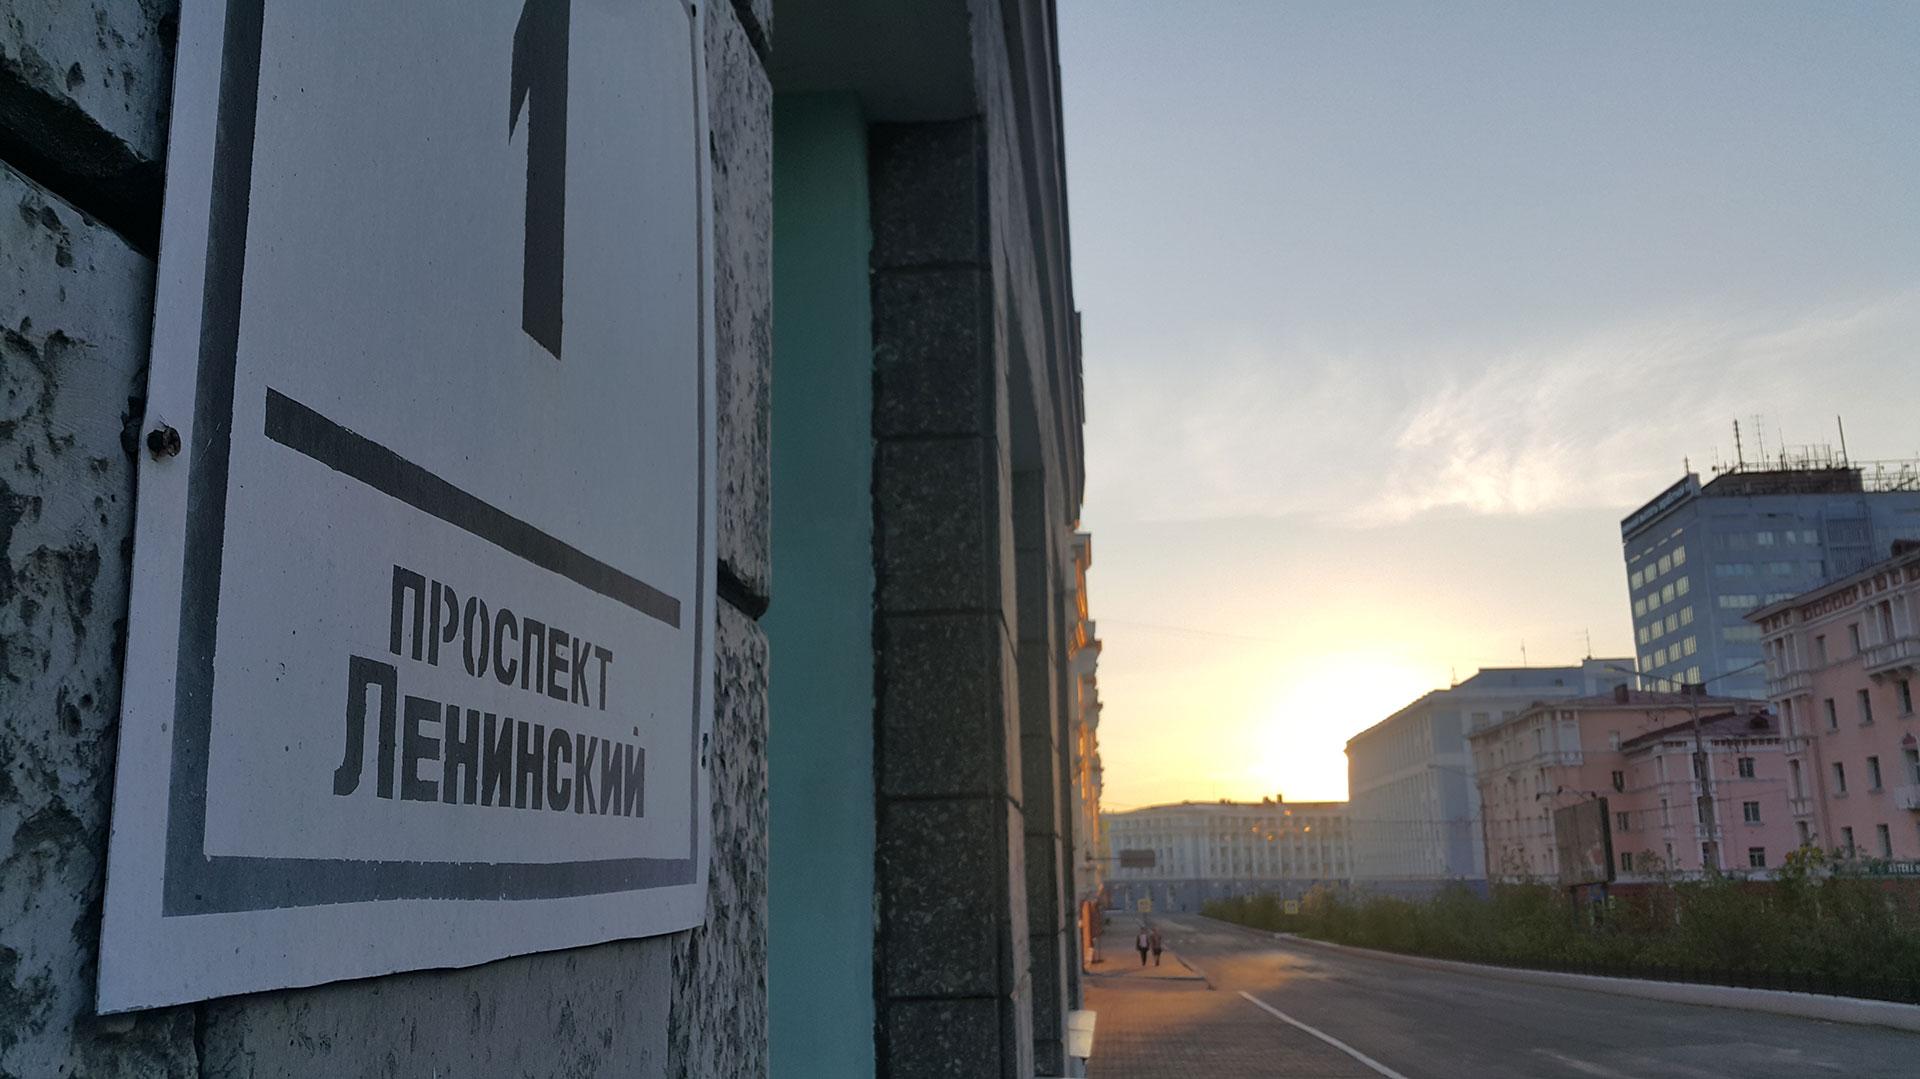 La avenida Lenin de Norilsk, a las 2 de una mañana de verano, cuando el sol nunca se pone.